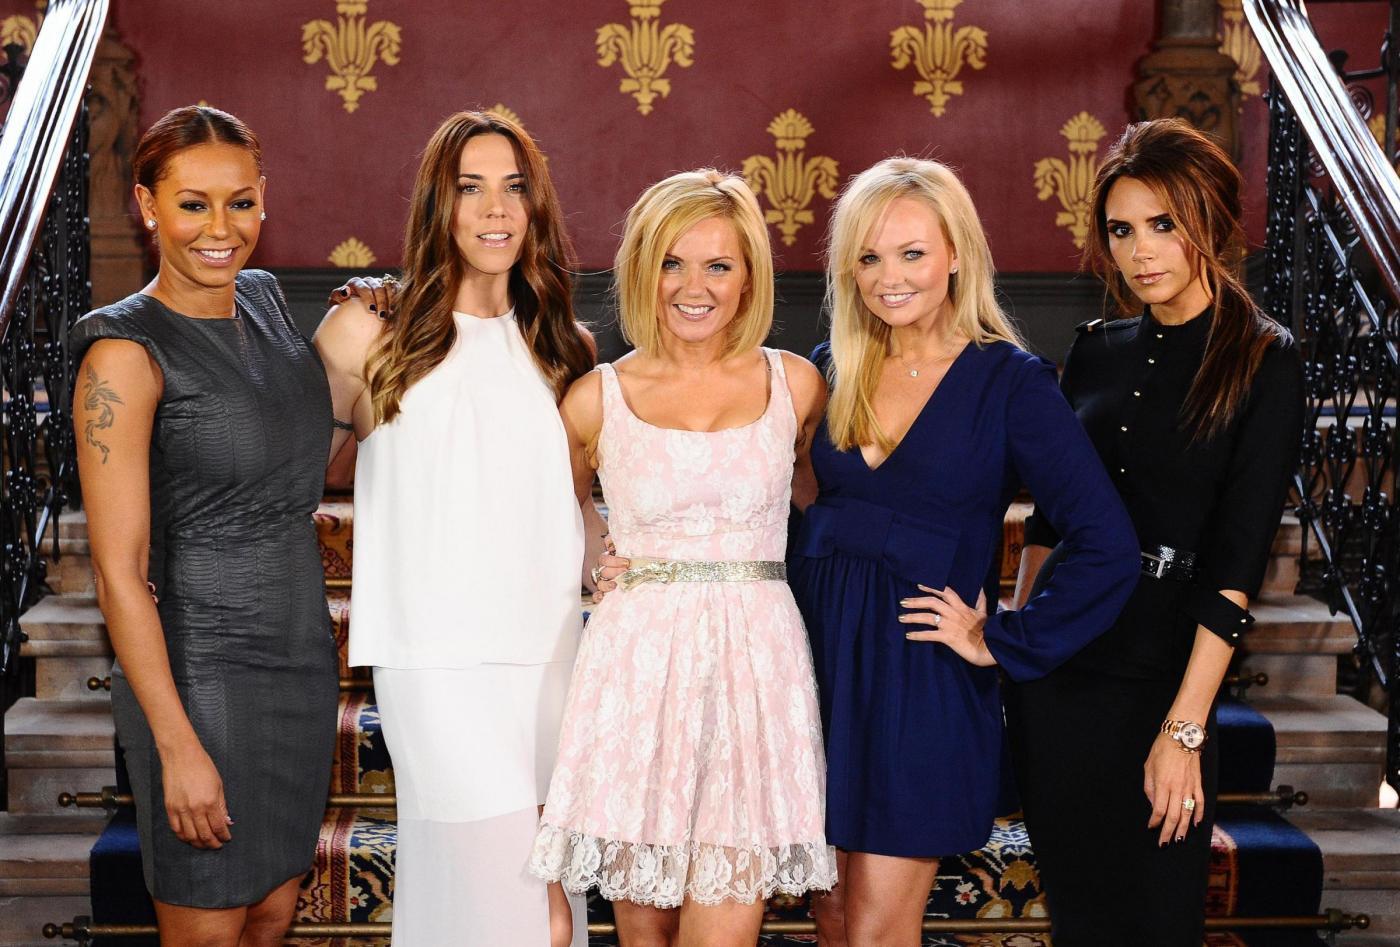 Victoria Beckham blocca la reunion delle Spice Girls: non potranno cantare le hit storiche